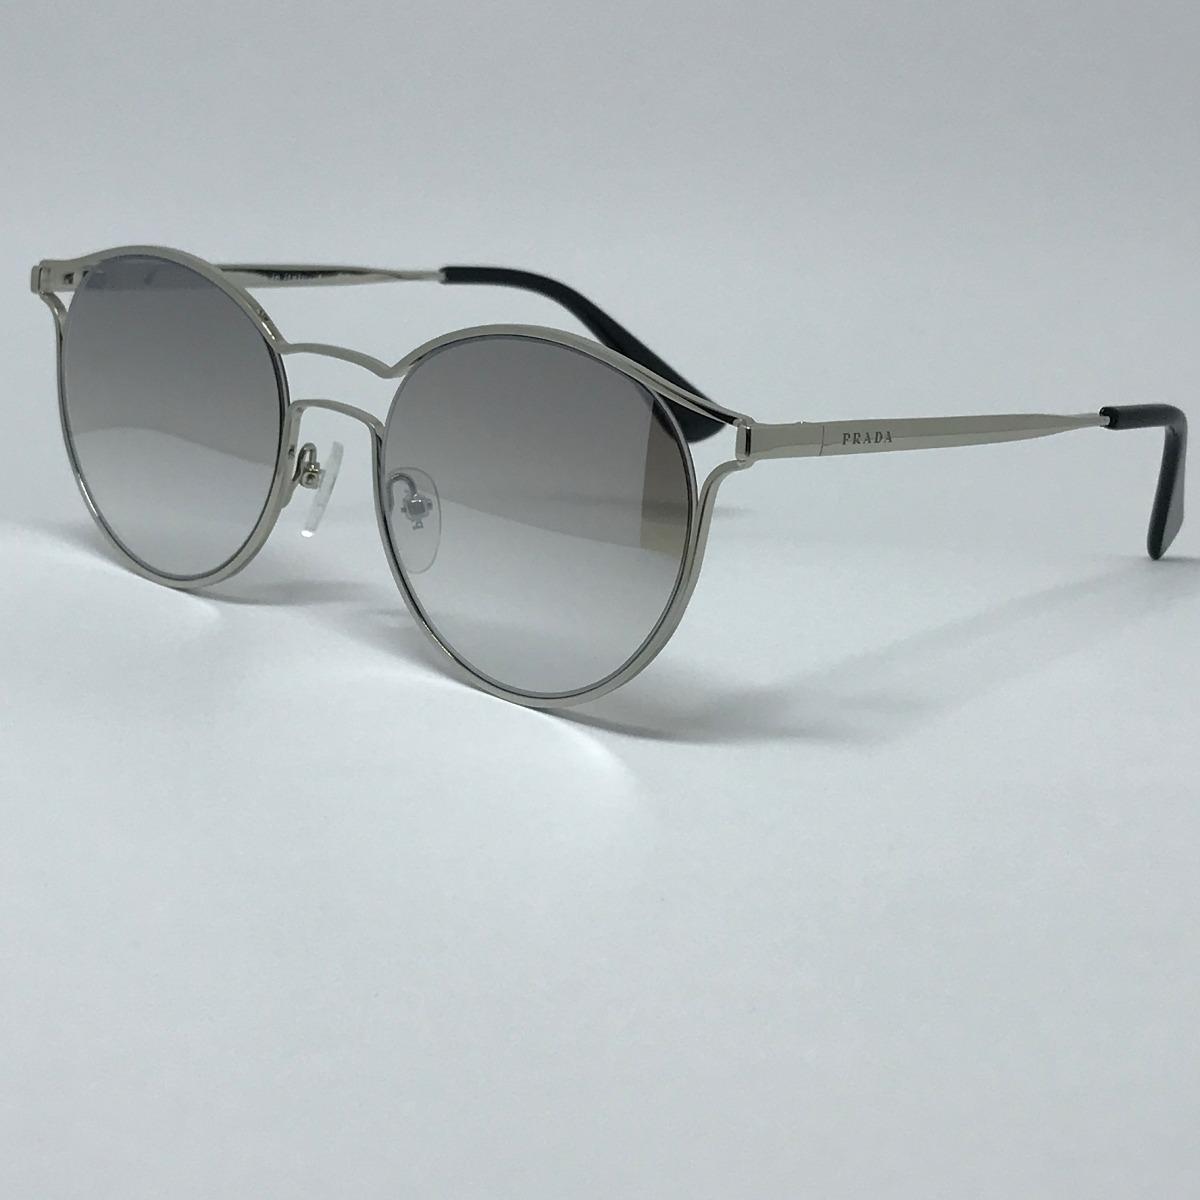 49595a64f3a79 Óculos De Sol Prada Pr62ss Prata Original - R  400